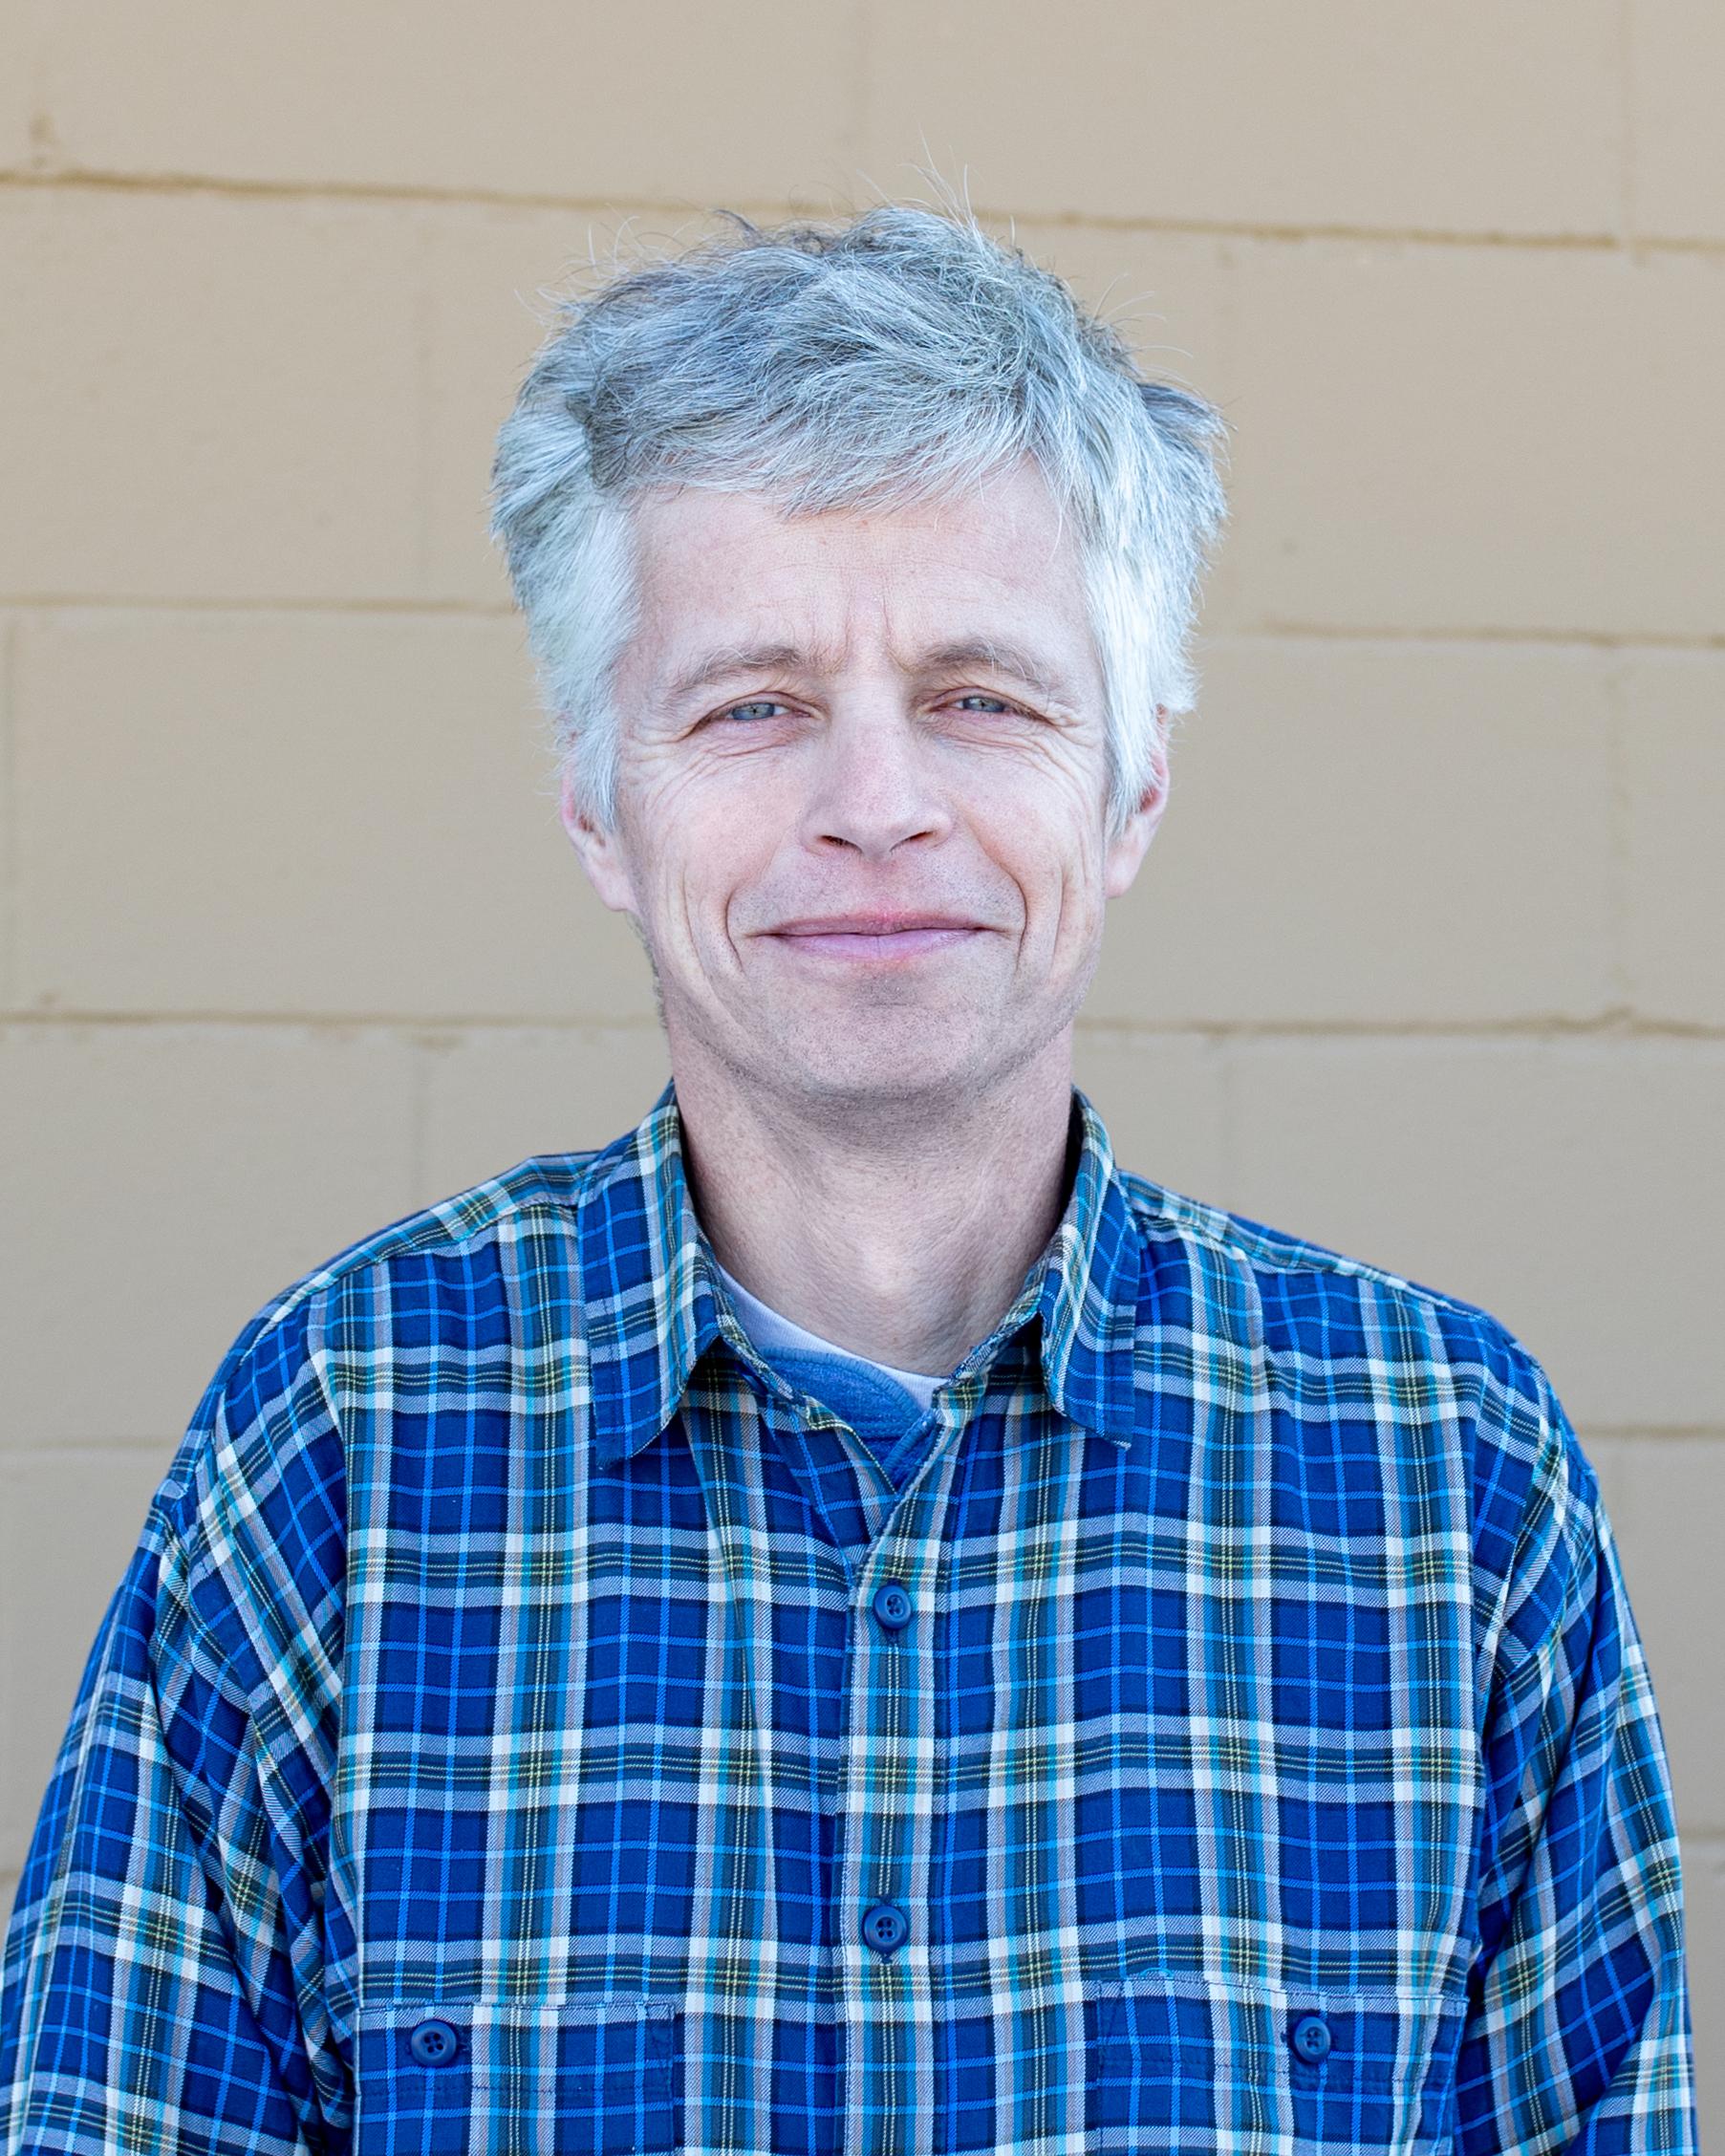 Jon Augspurger